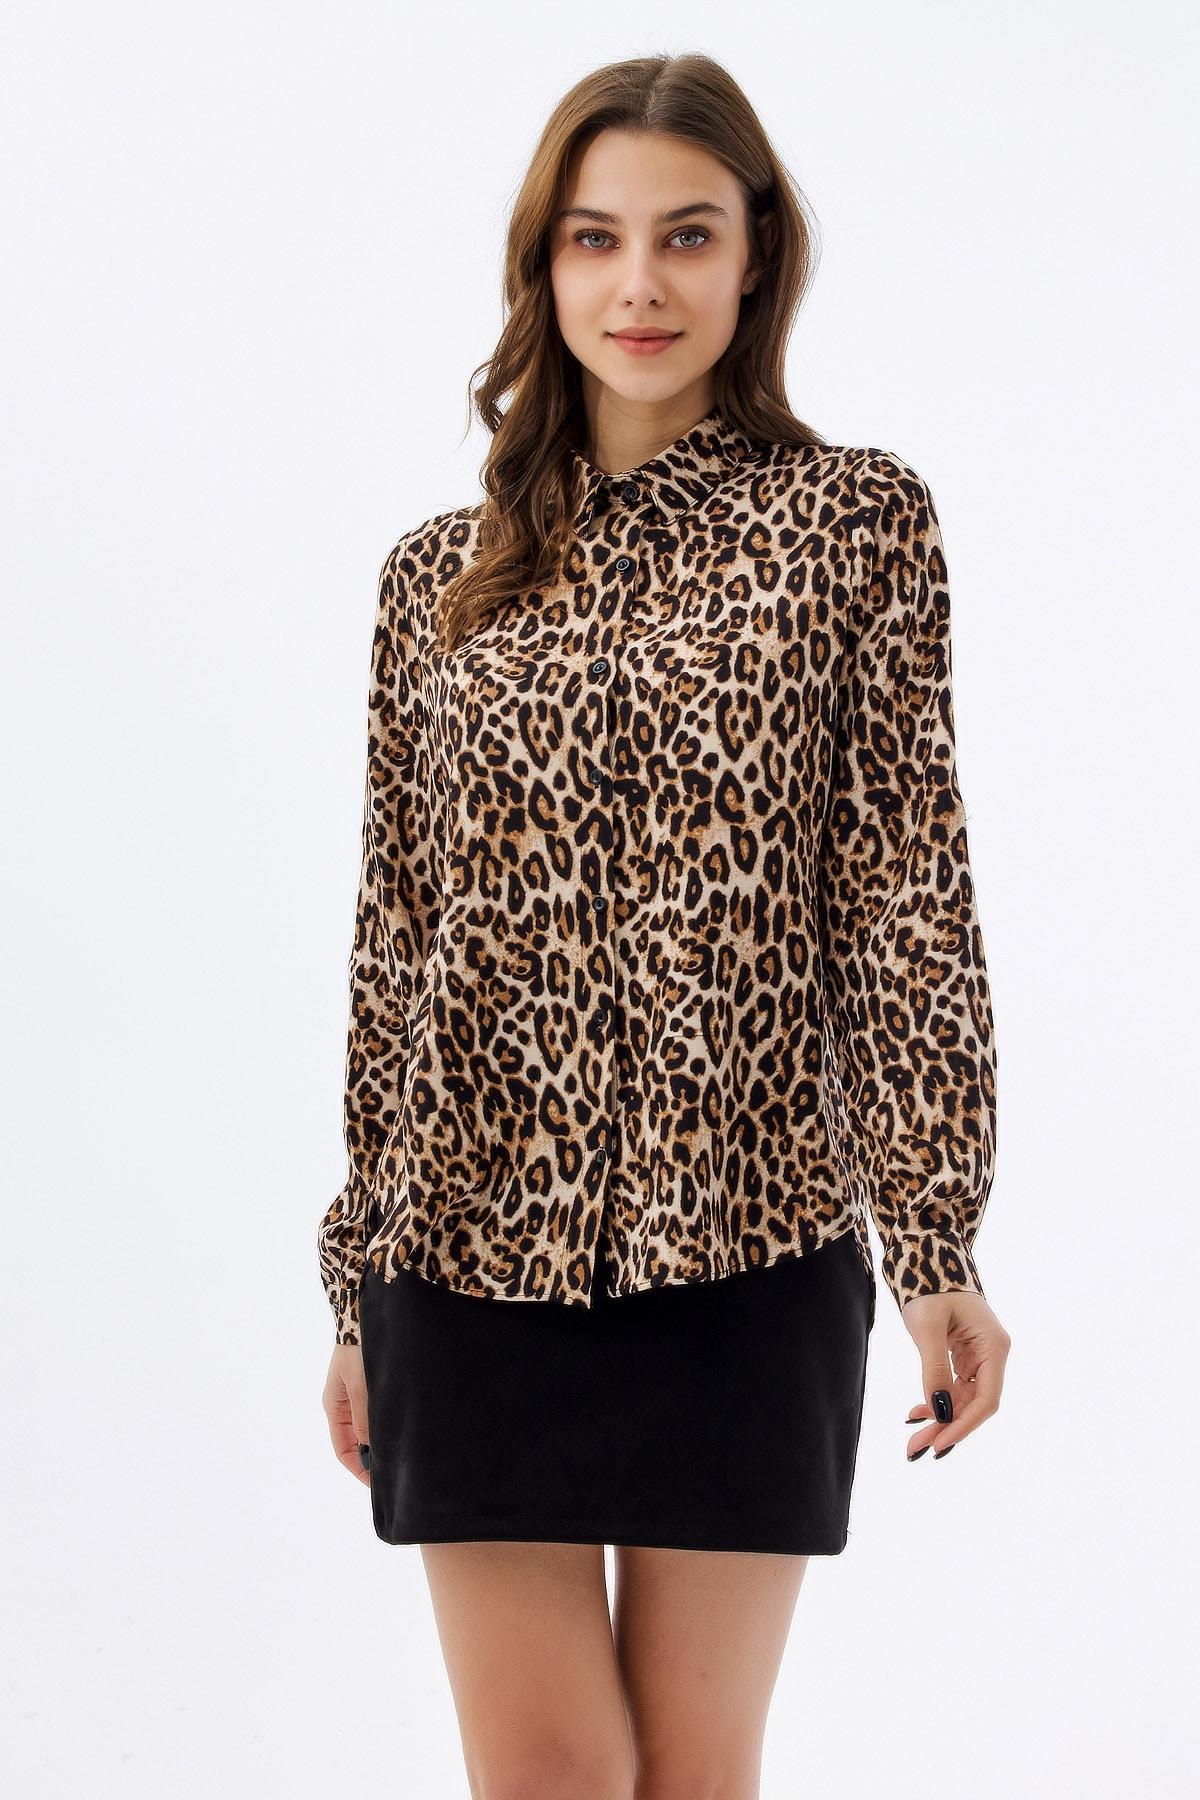 Kadın Leopar Desenli Uzun Kollu Gömlek P21s110-8183